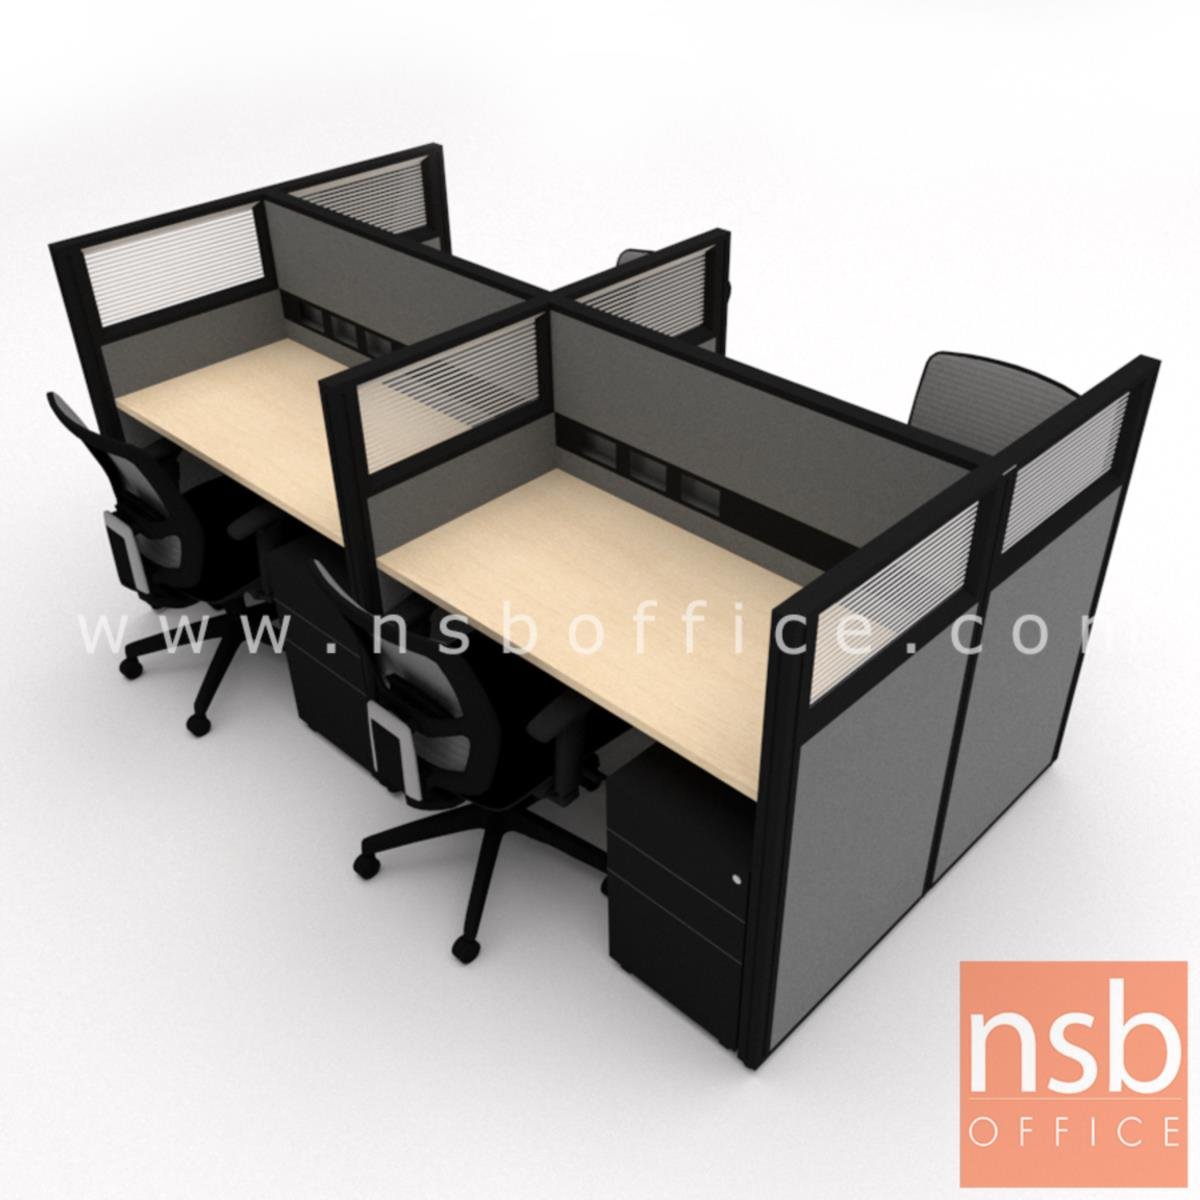 โต๊ะทำงานกลุ่ม 4 ที่นั่ง รุ่น Mashel (มาเชล) พร้อมพาร์ทิชั่นกระจกขัดลาย รางไฟตรงกลาง และตู้ลิ้นชัก